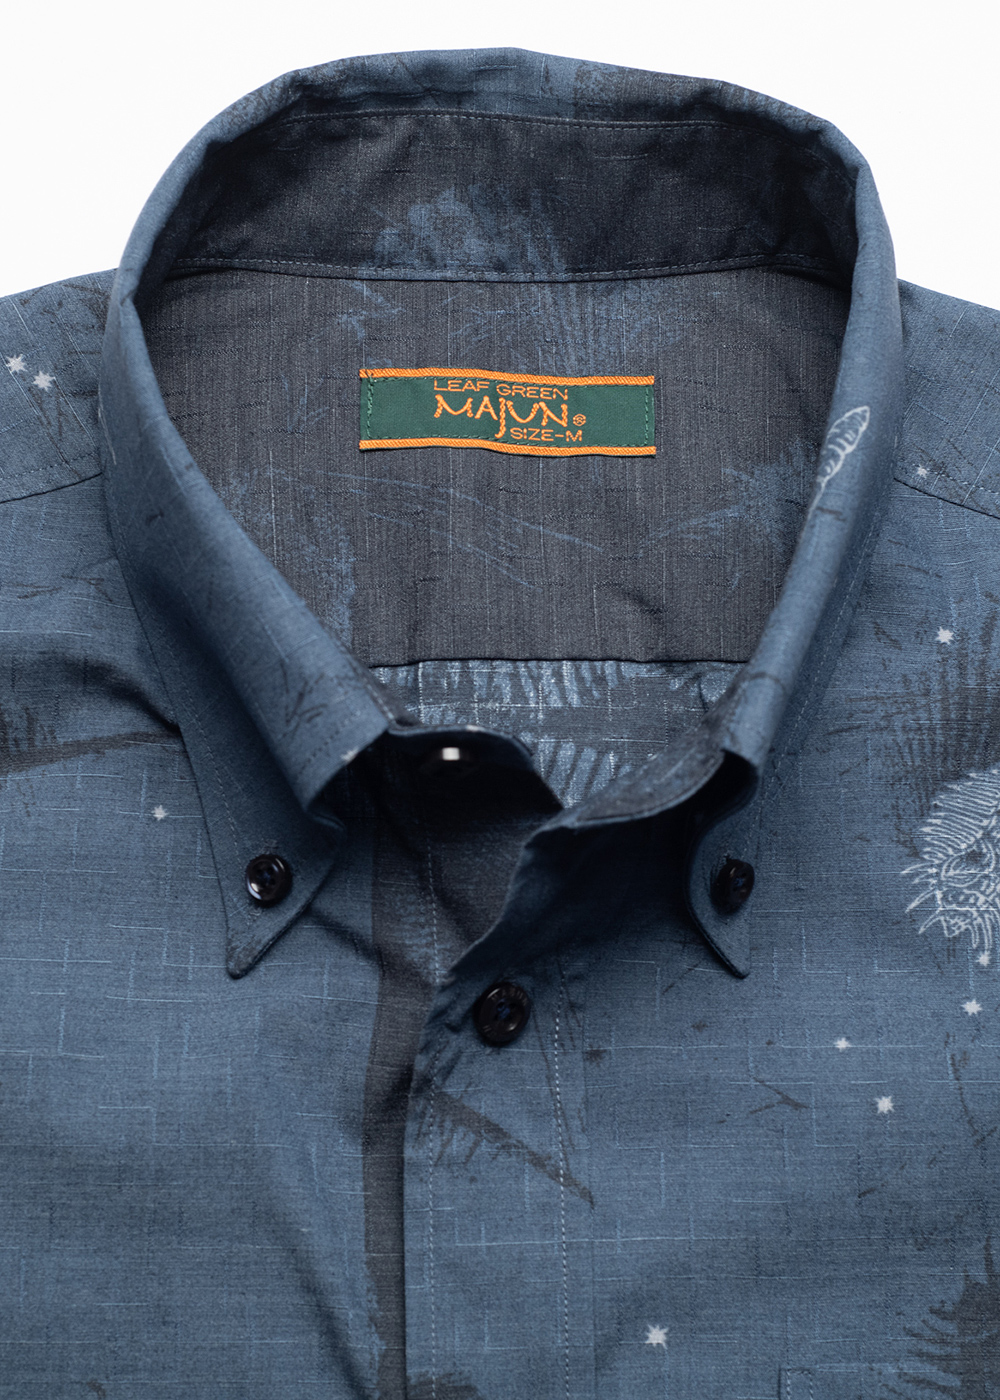 かりゆしウェア(沖縄版アロハシャツ) MAJUN - スターシェル